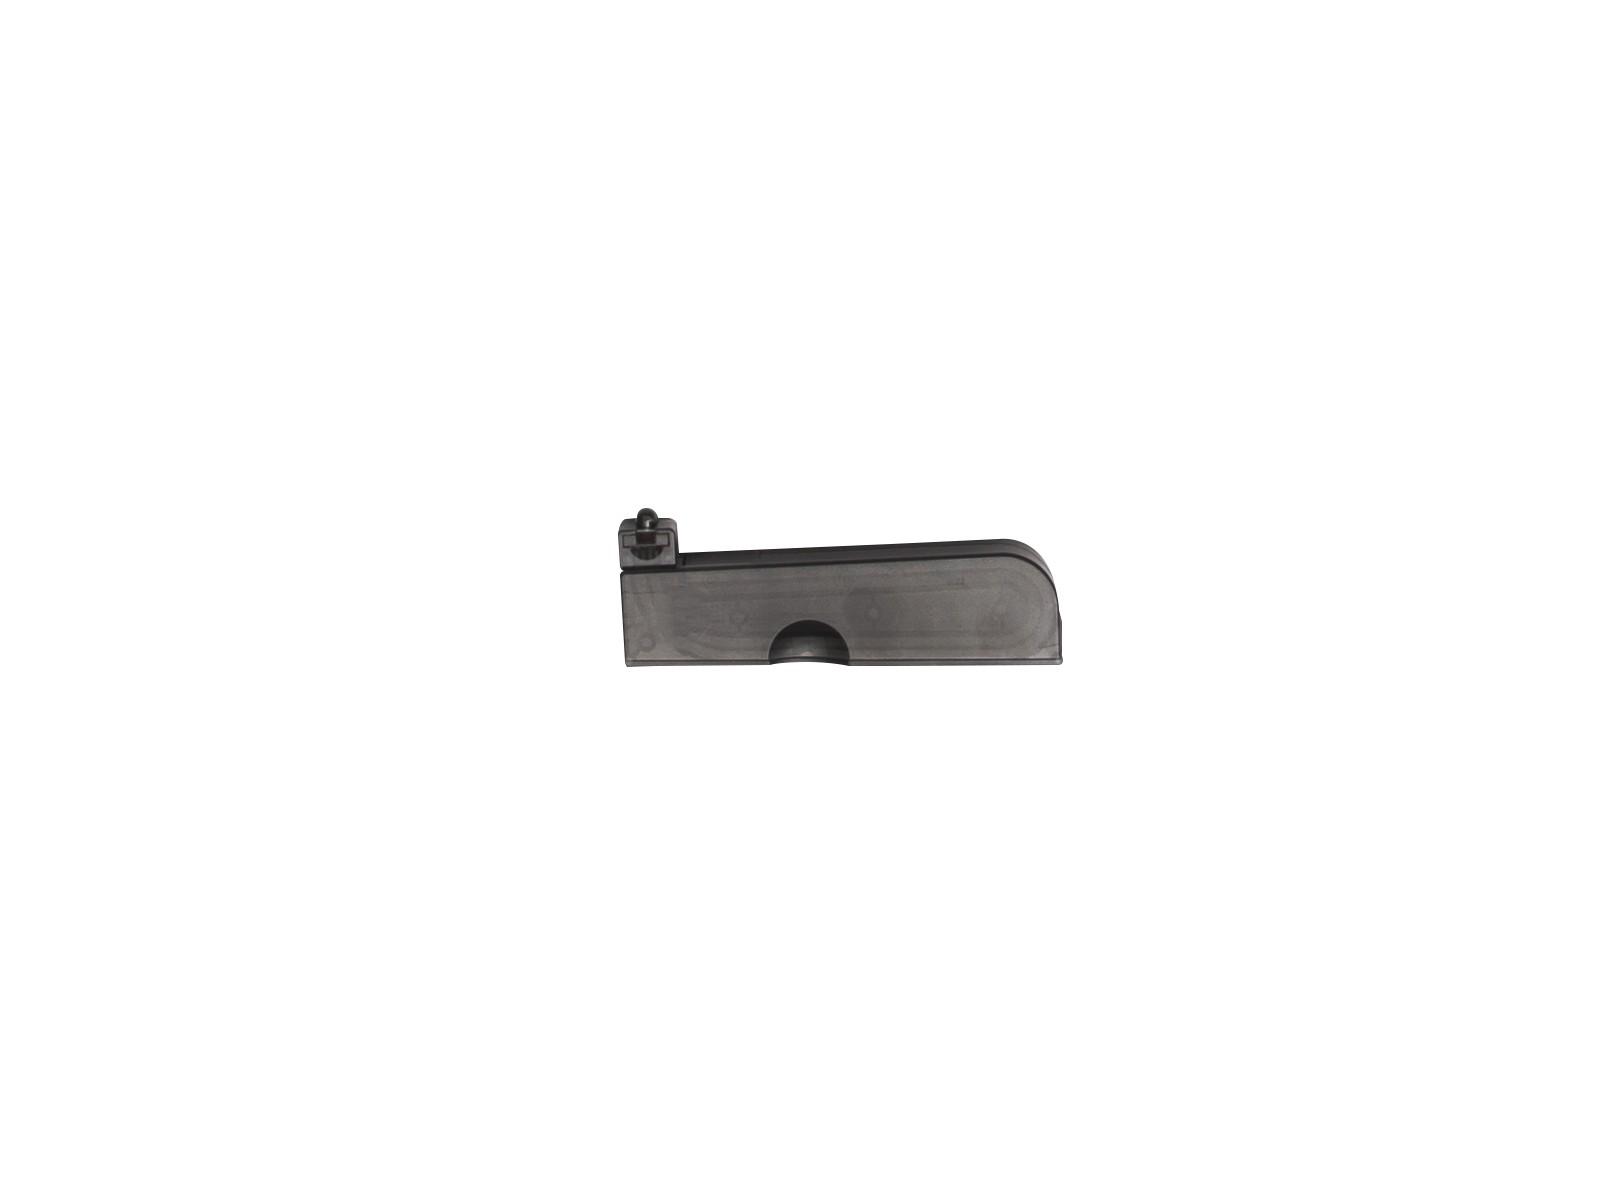 ASG - Chargeur AI MK13 / VSR10 - 50 Billes - noir